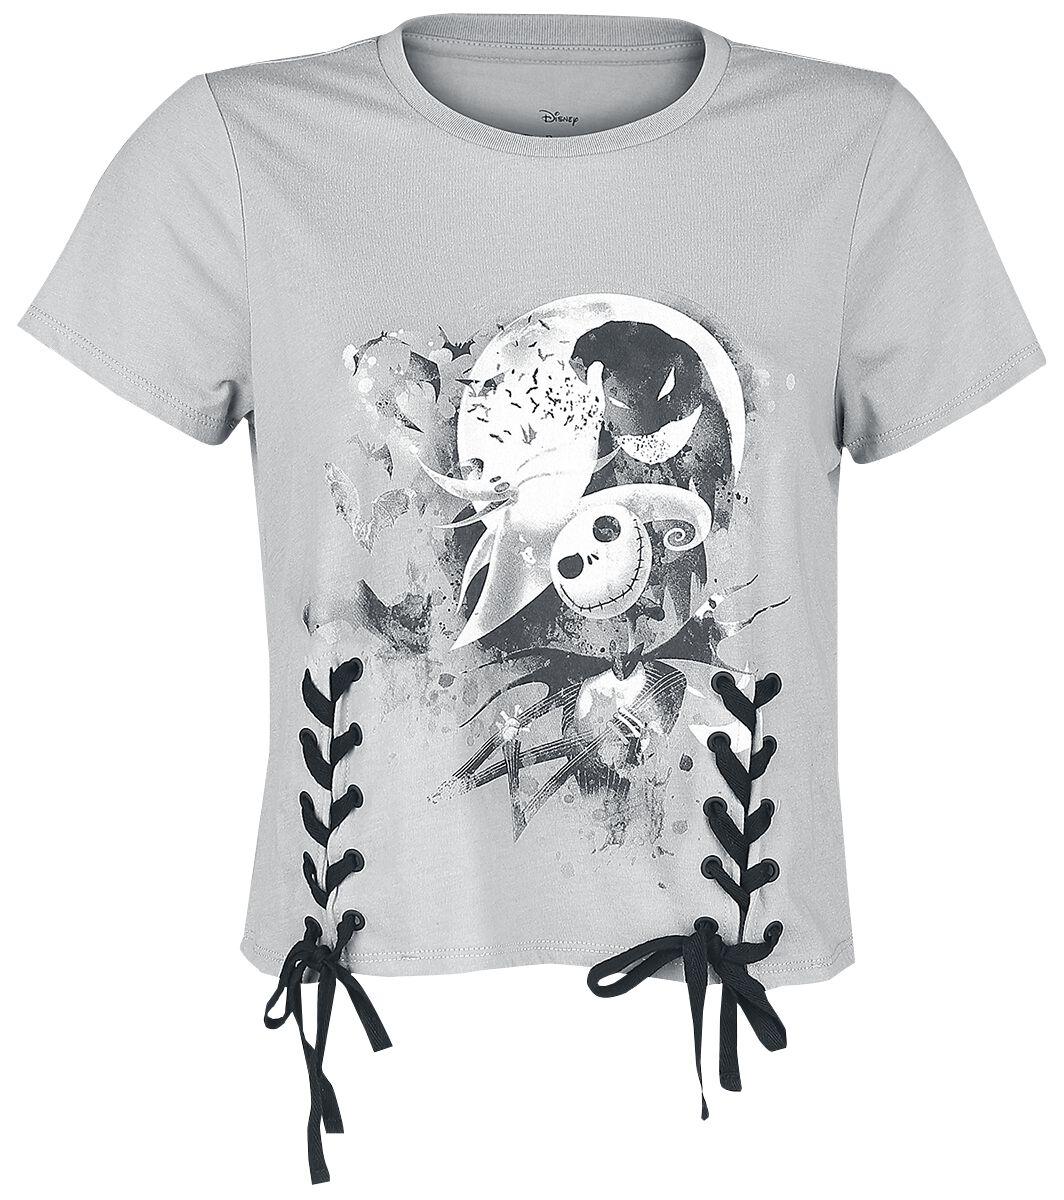 Image of   The Nightmare Before Christmas Splatter Girlie trøje lys grå